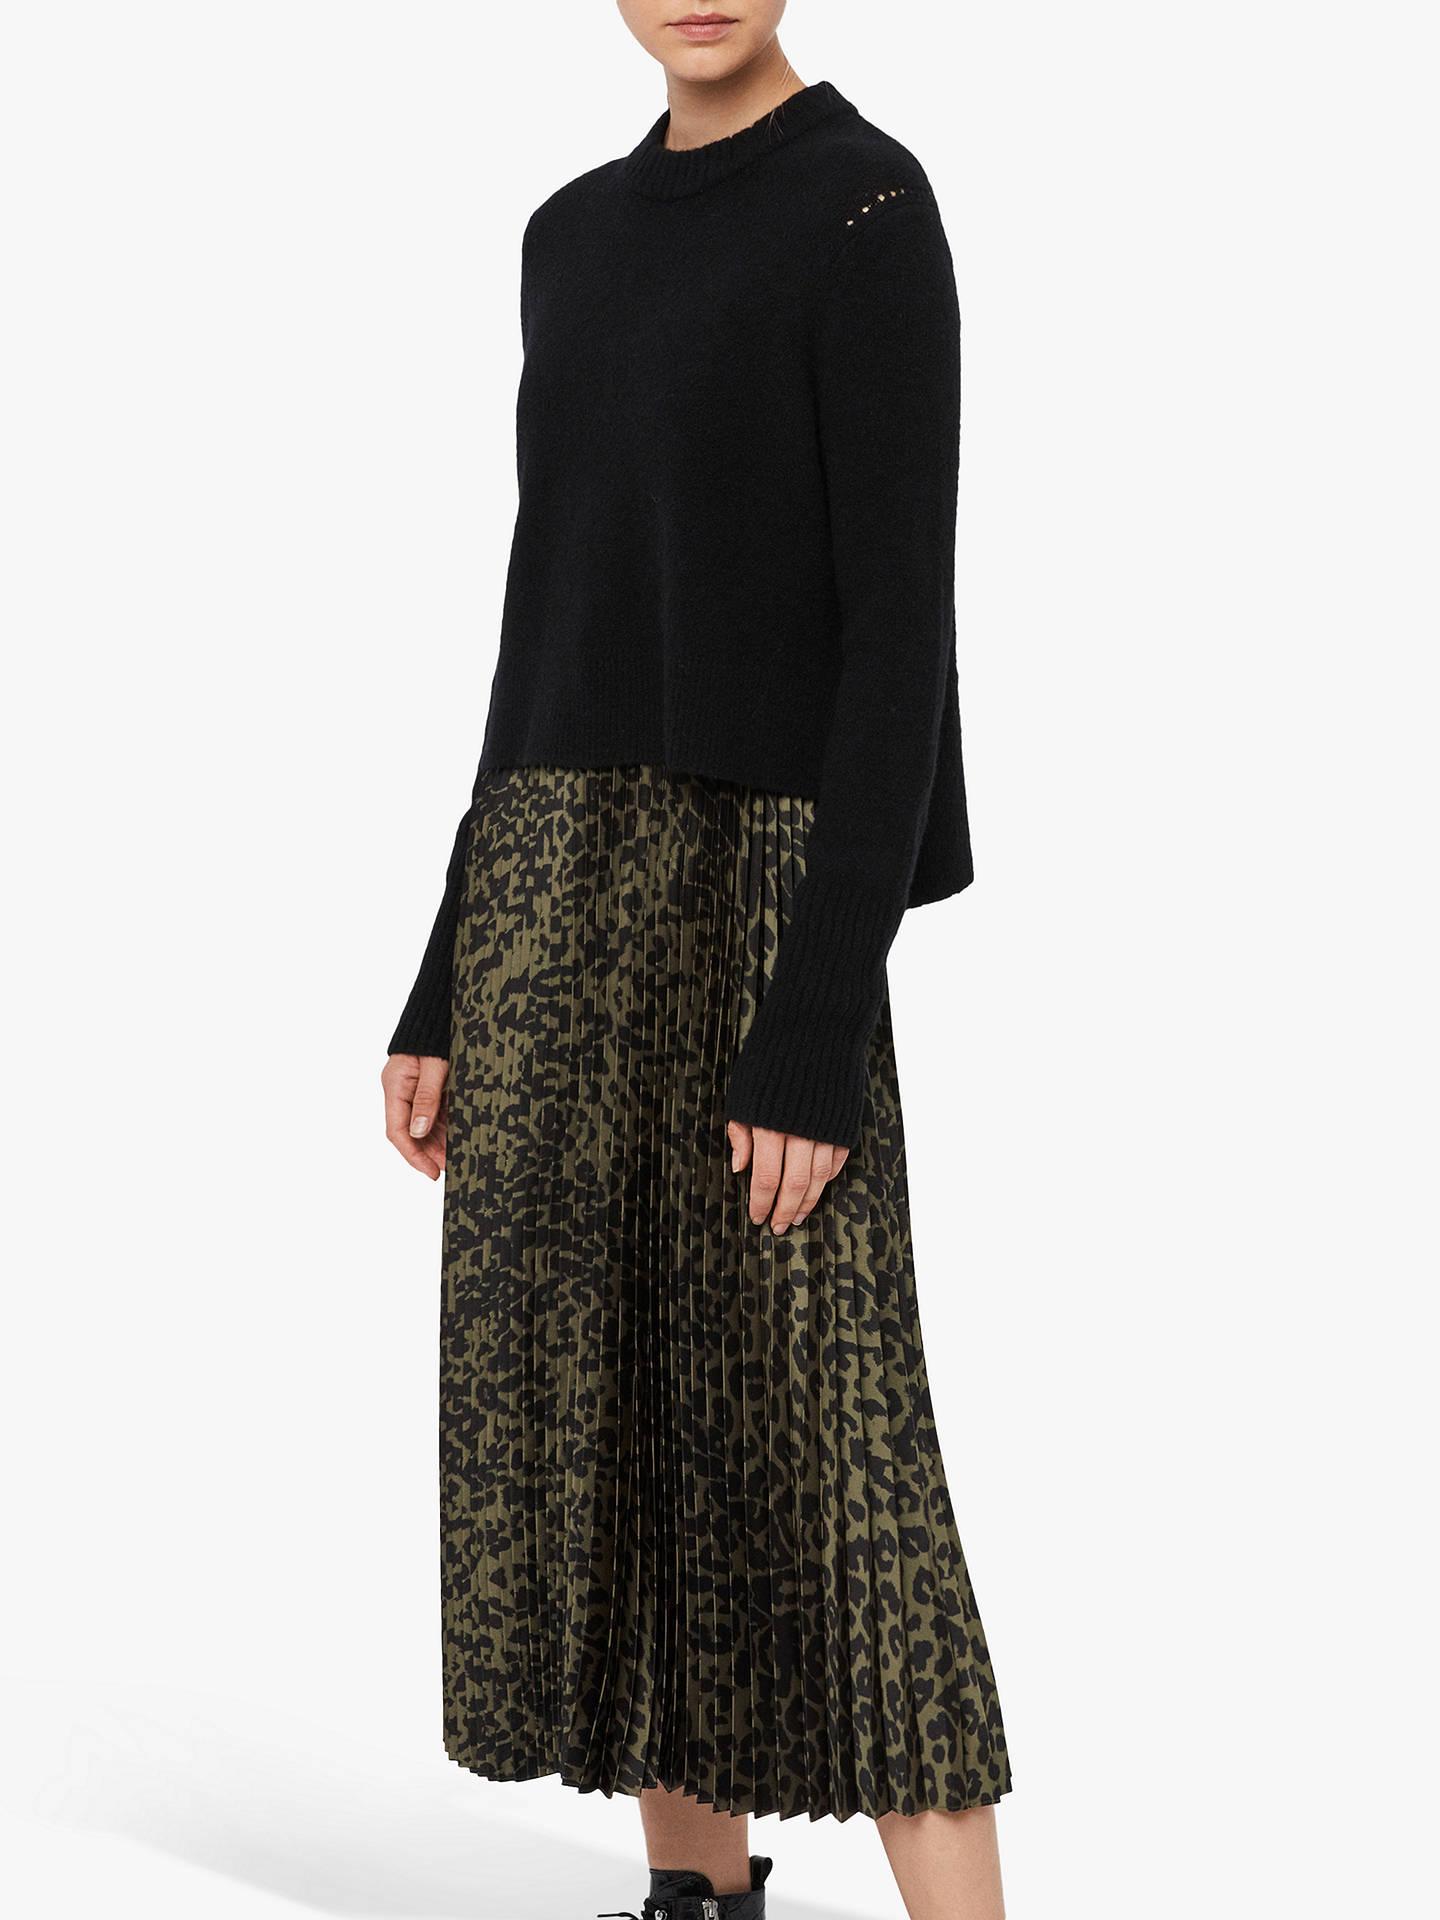 All Saints Leowa Leopard Print Pleated Jumper Dress, Black/Khaki by Allsaints